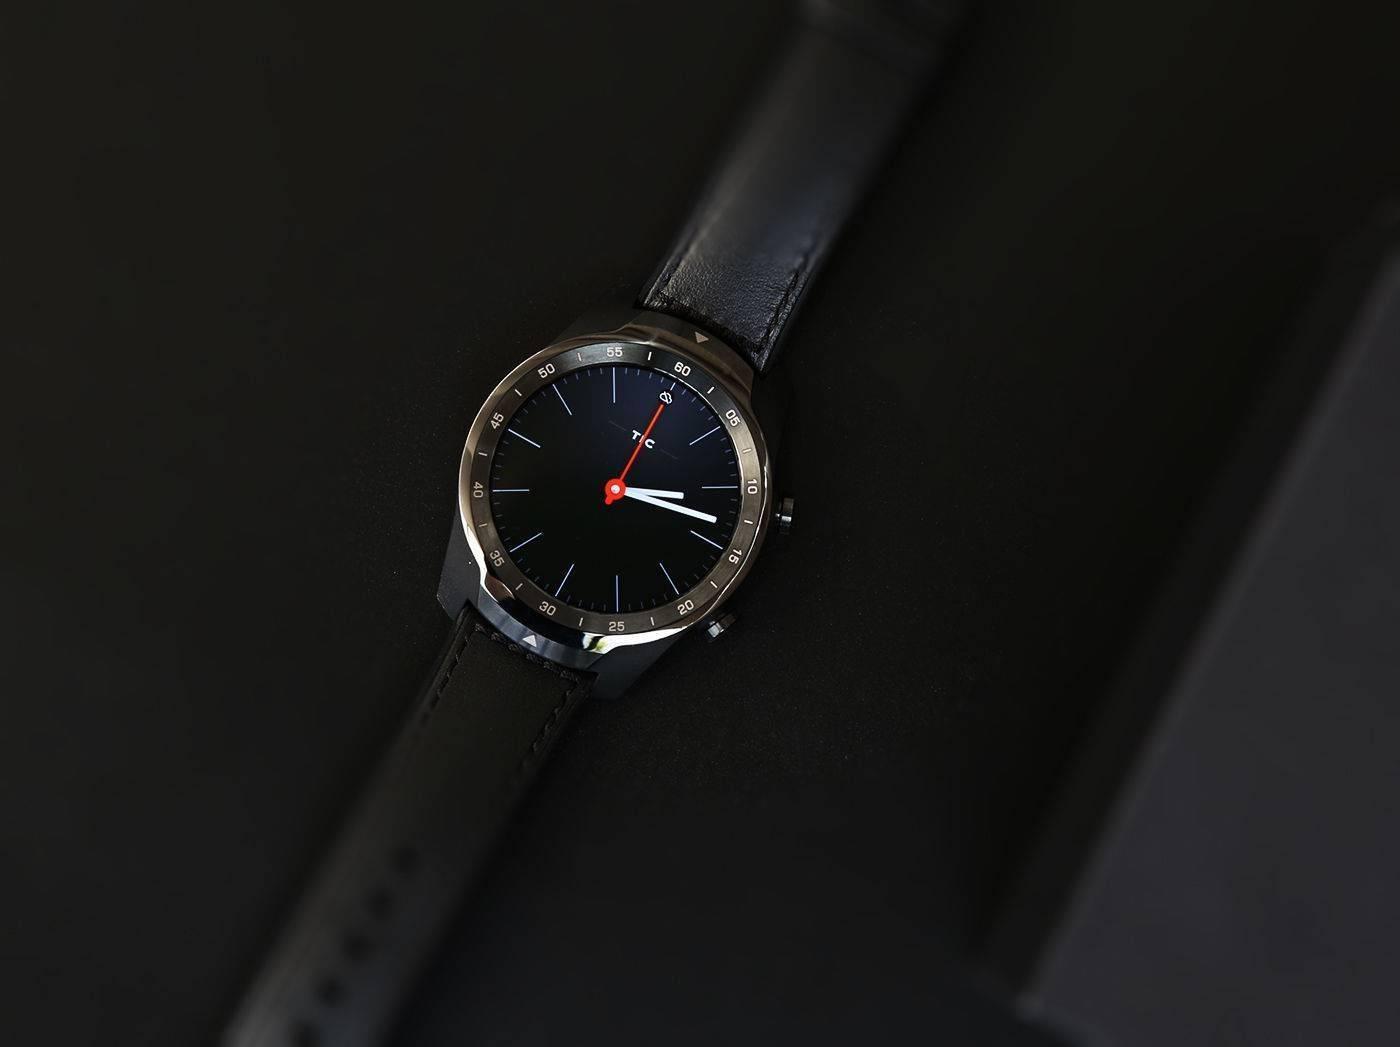 解锁智能手表的最后一环是什么